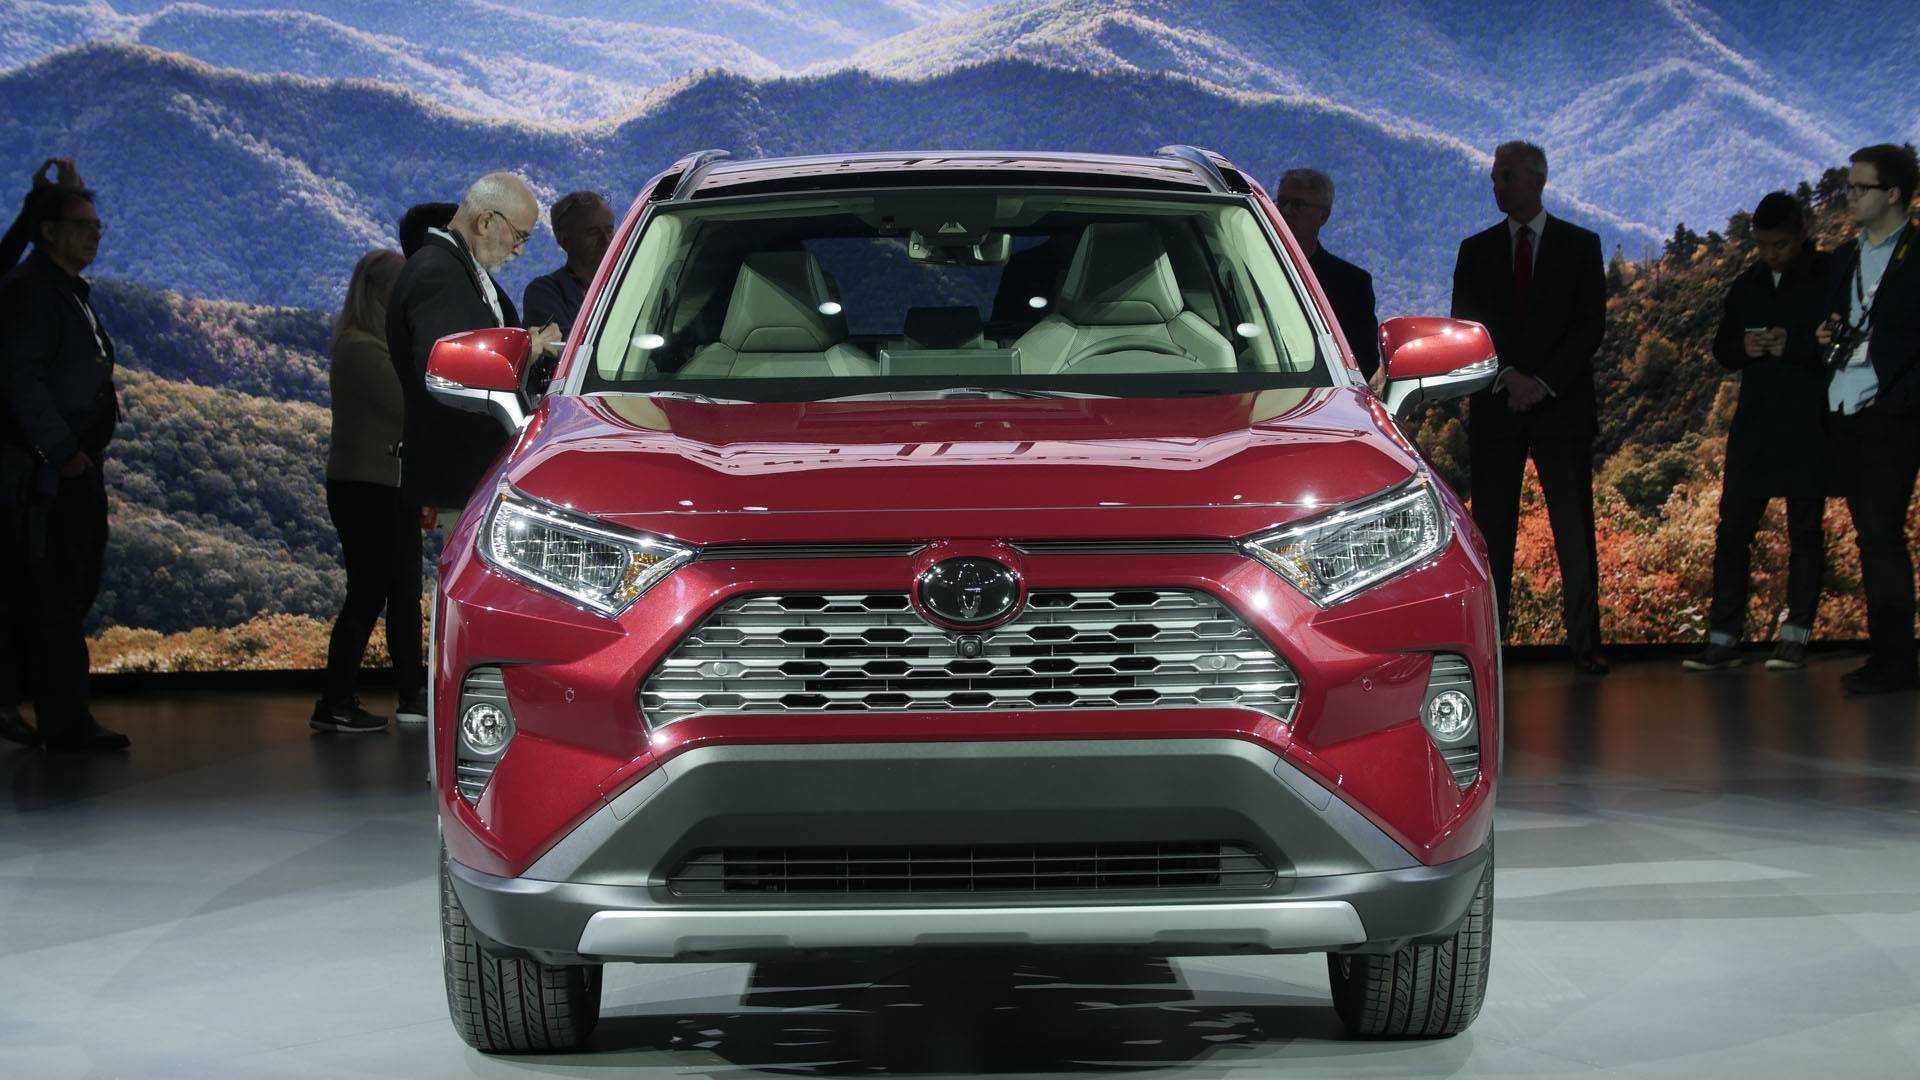 Toyota rav4 2-й рестайлинг 2010, джип/suv 5 дв., 3 поколение, xa30 (05.2010 - 01.2013) - технические характеристики и комплектации